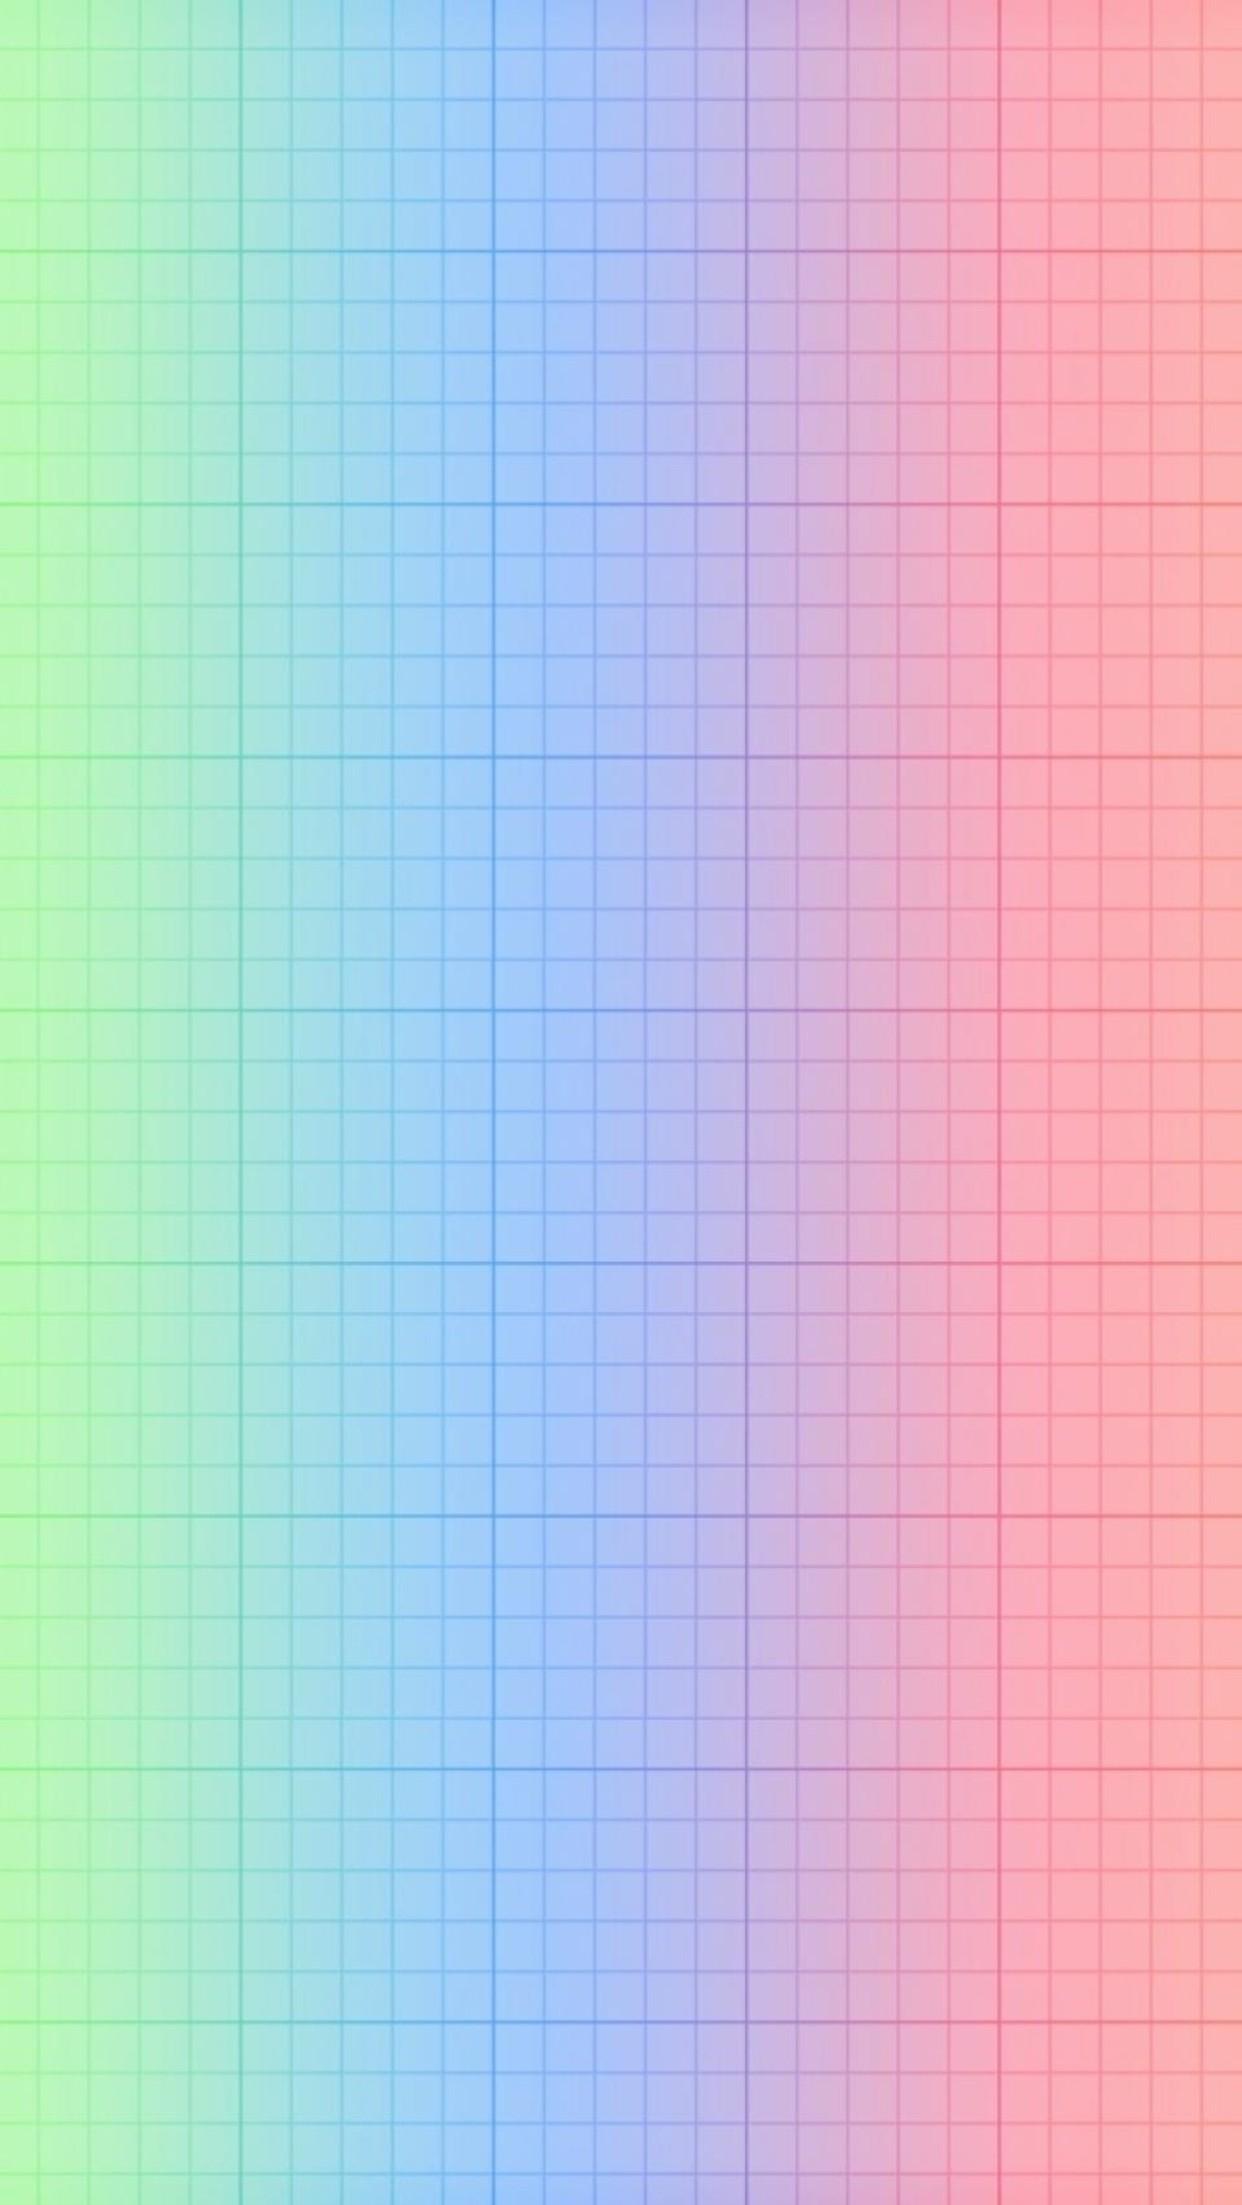 Pastel Colors Wallpaper 55 Images